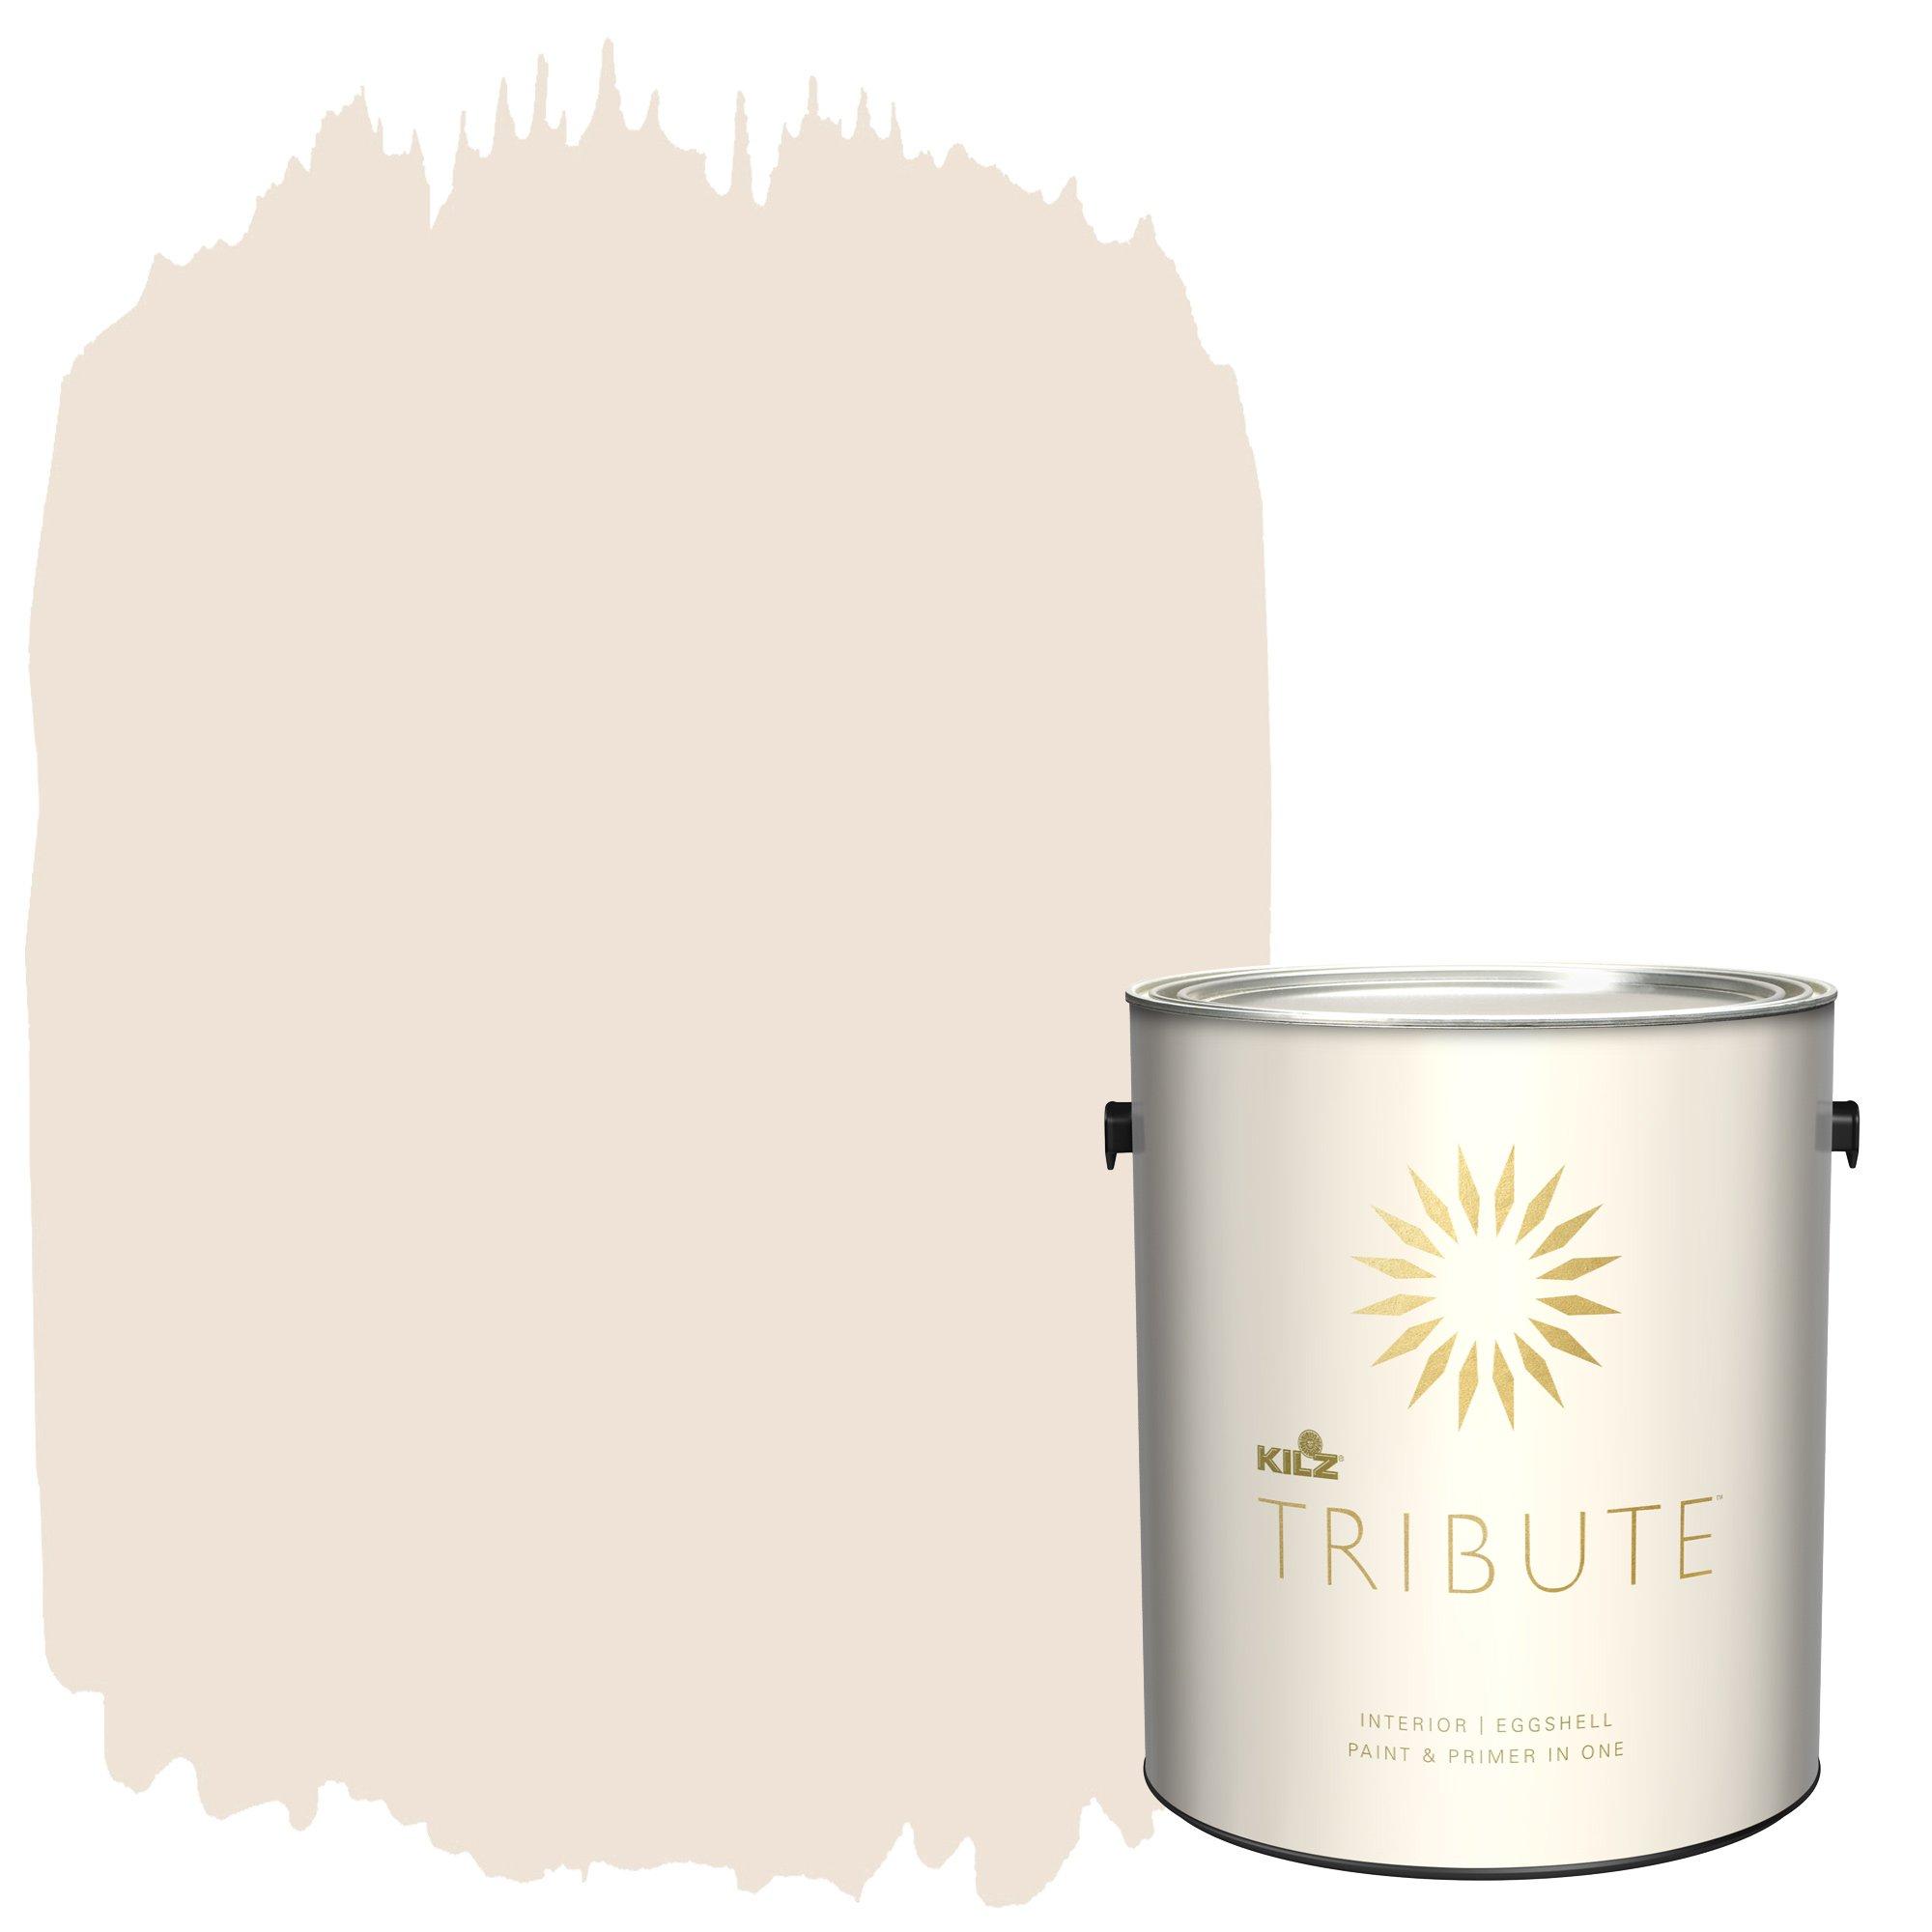 KILZ TRIBUTE Interior Eggshell Paint and Primer in One, 1 Gallon, Champagne White (TB-06)